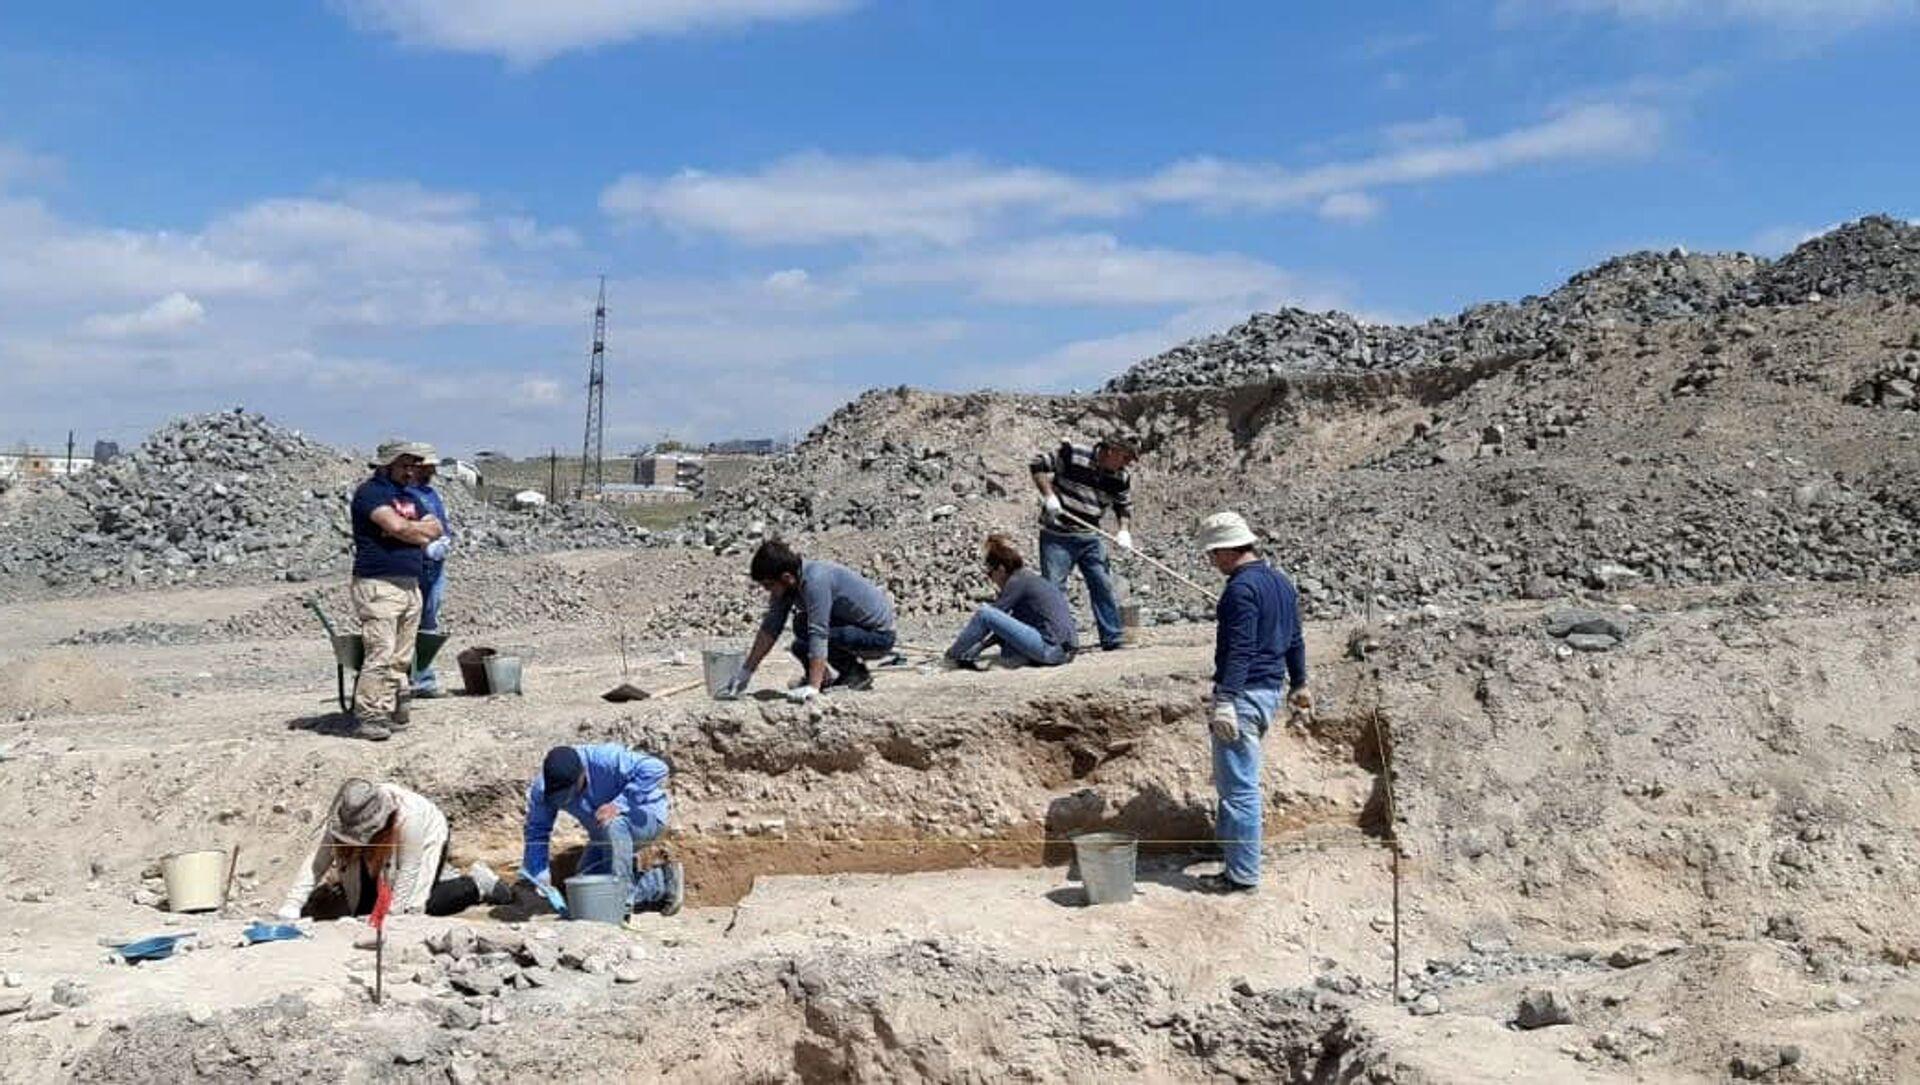 Археологические раскопки на территории Кармир блур - Sputnik Արմենիա, 1920, 08.04.2021